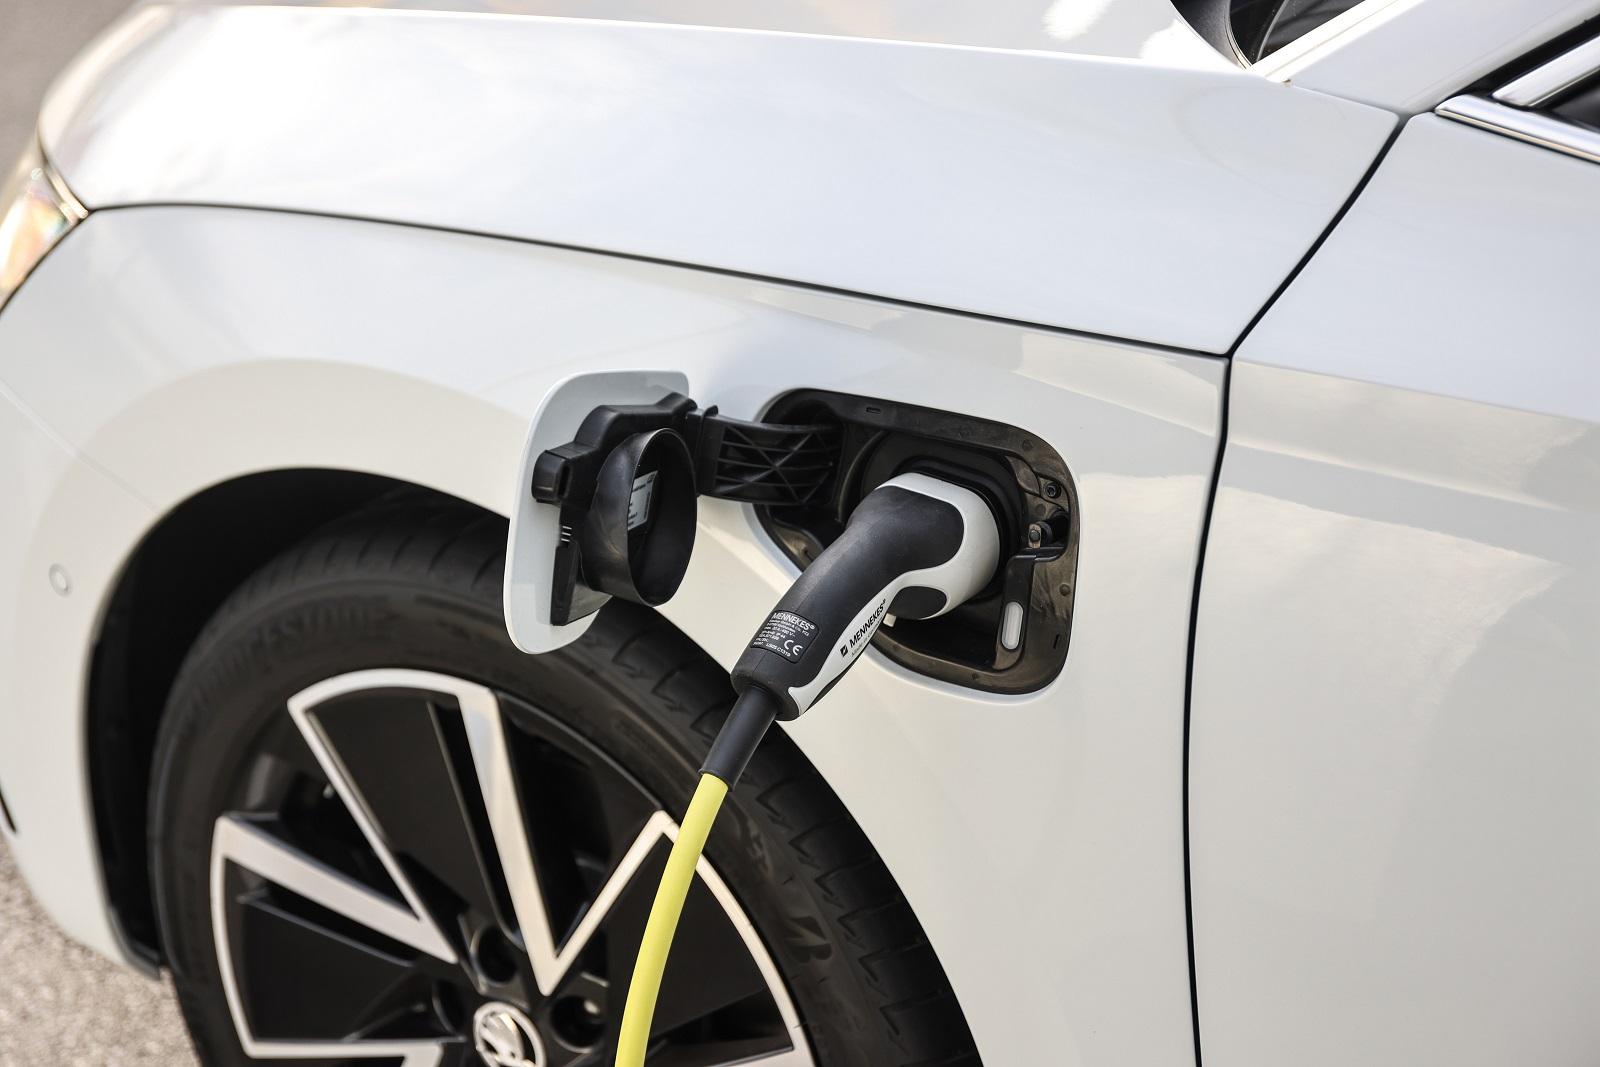 Ηλεκτρισμός – η διαδικασία παροχής ενός δωρεάν σήματος στάθμευσης